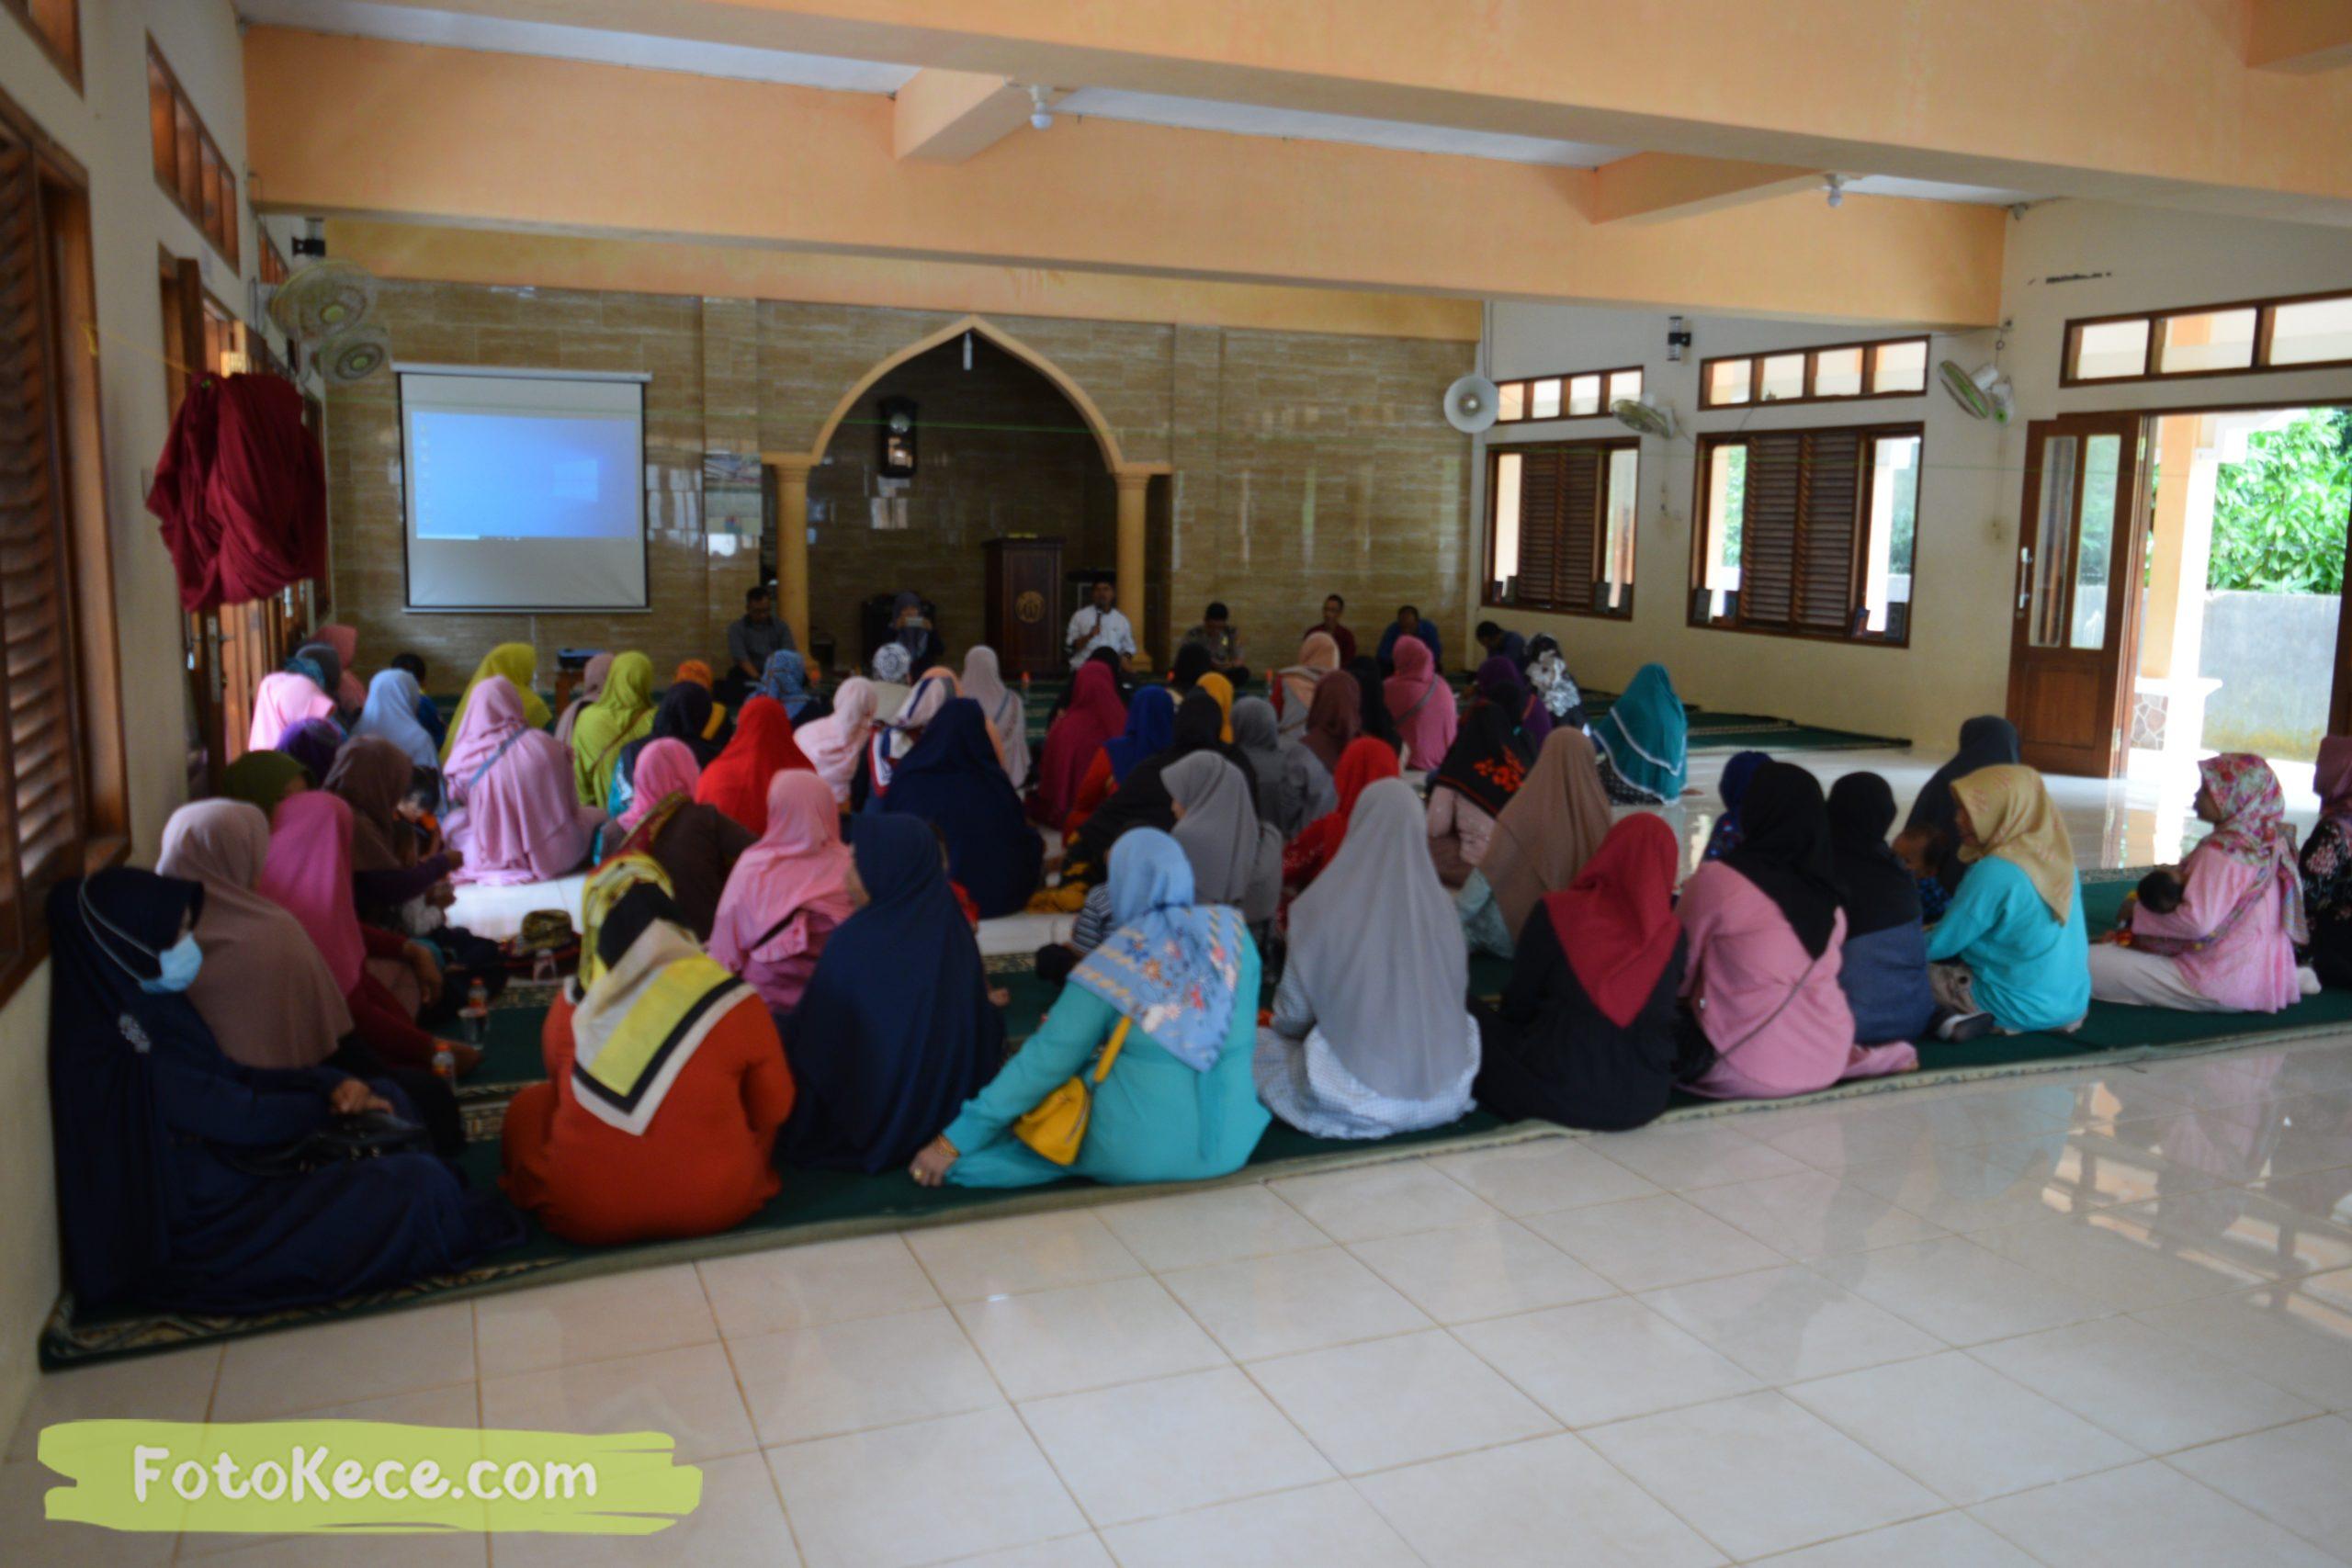 rapat komite ortu siswa kelas 9 masjid mtsn 2 sukabumi 05022020 foto kece poto kece 43 scaled